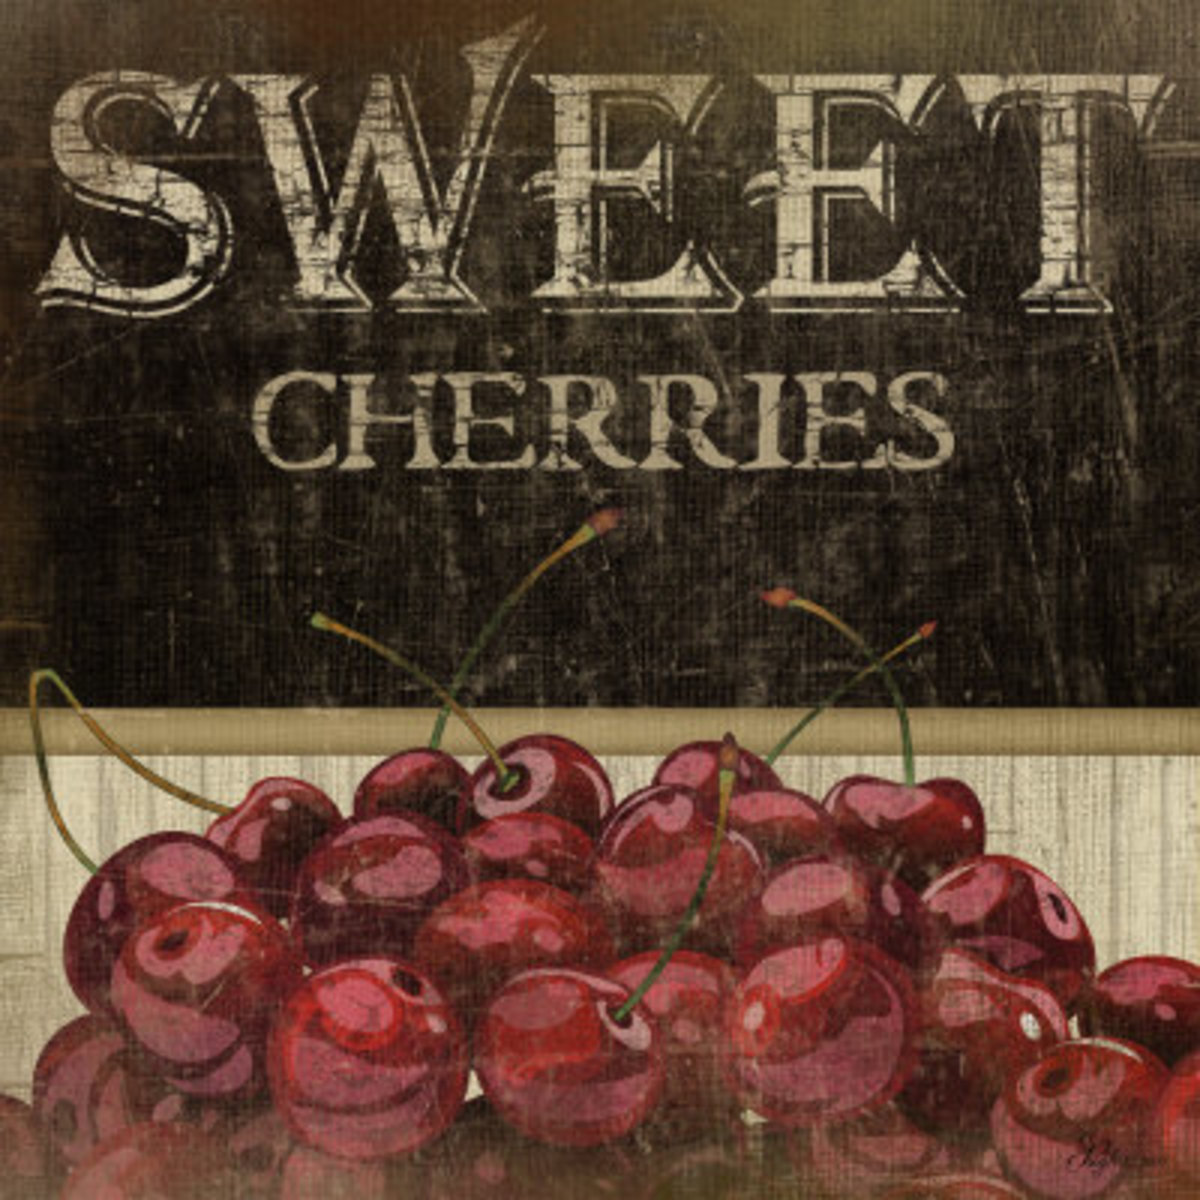 sweet-cherries